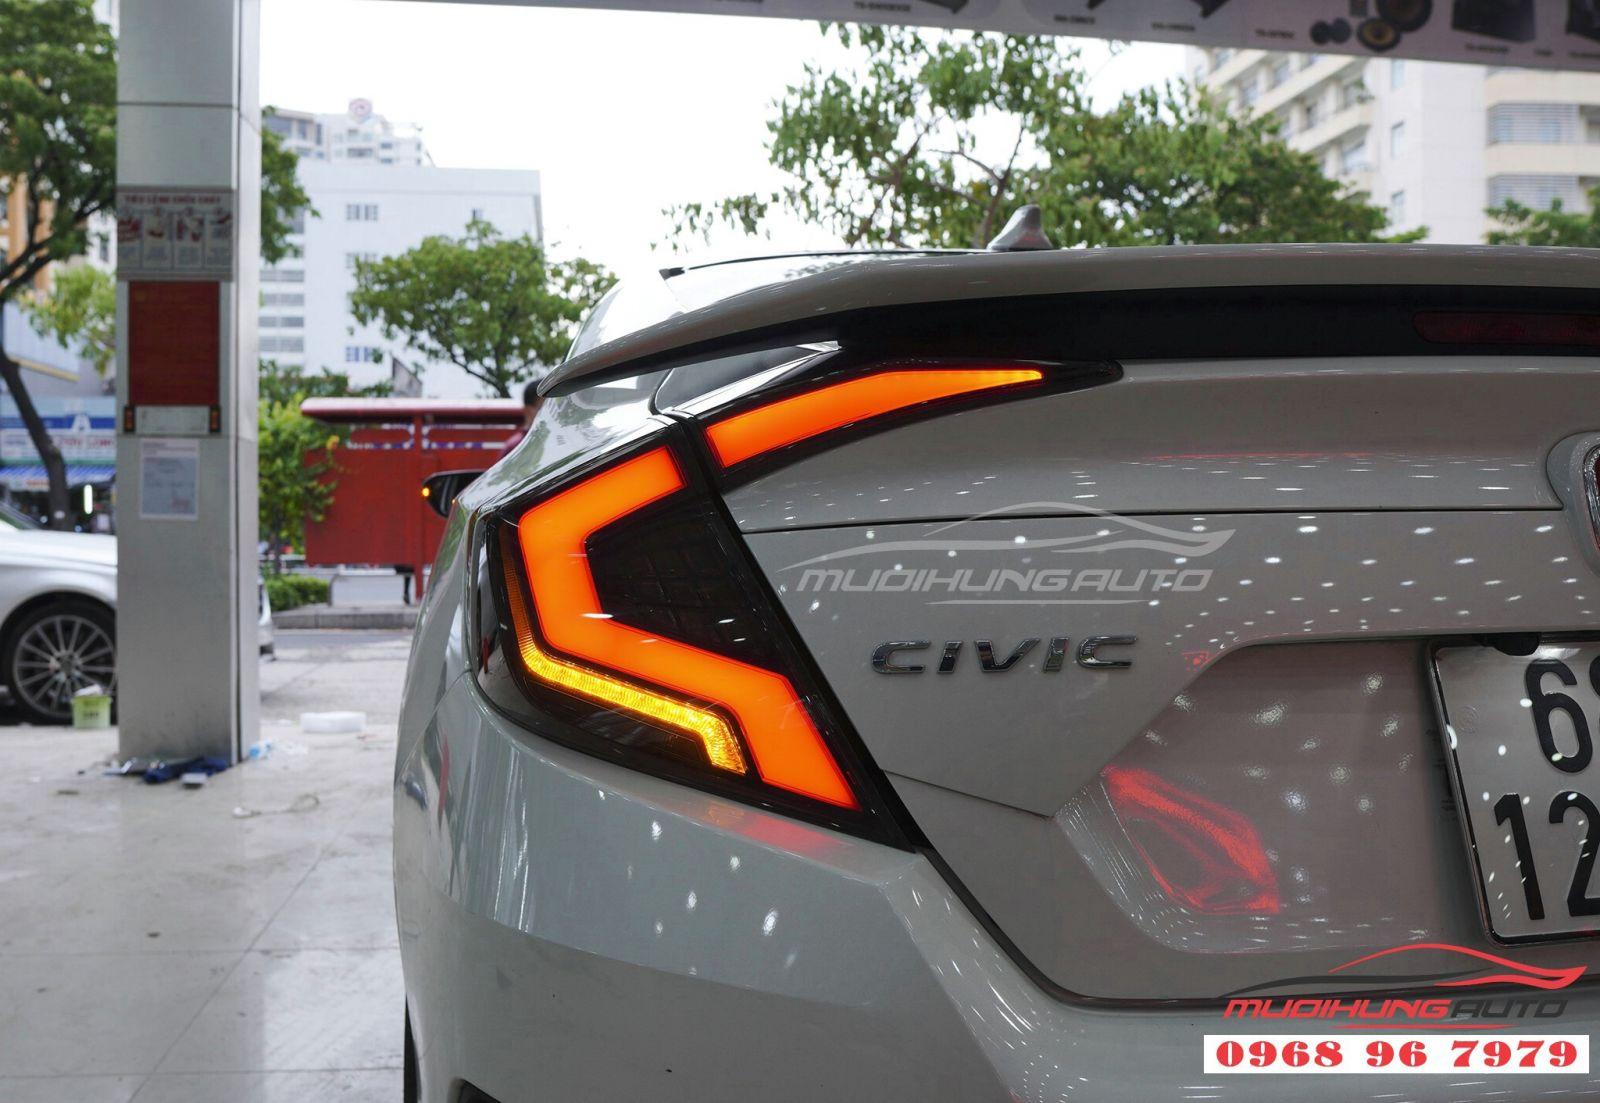 Thay cụm đèn hậu cho Honda Civic 04